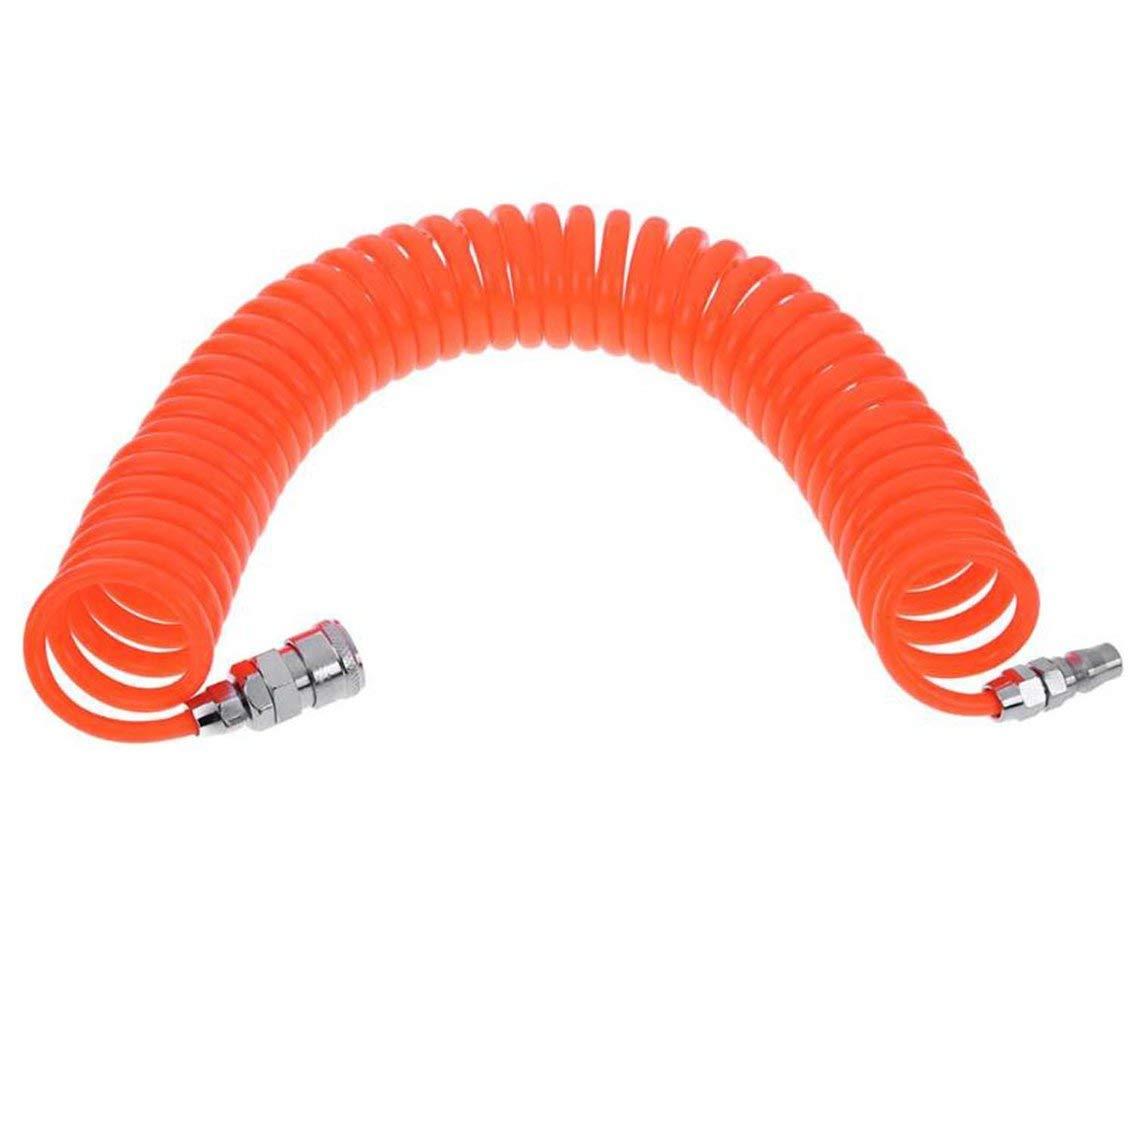 Mazur Outil d'air flexible de tube d'air de compresseur de tuyau de compresseur d'air de polyuréthane de mètre de l'unité centrale 8x12mm de bleu de 10m avec le connecteur (bleu)